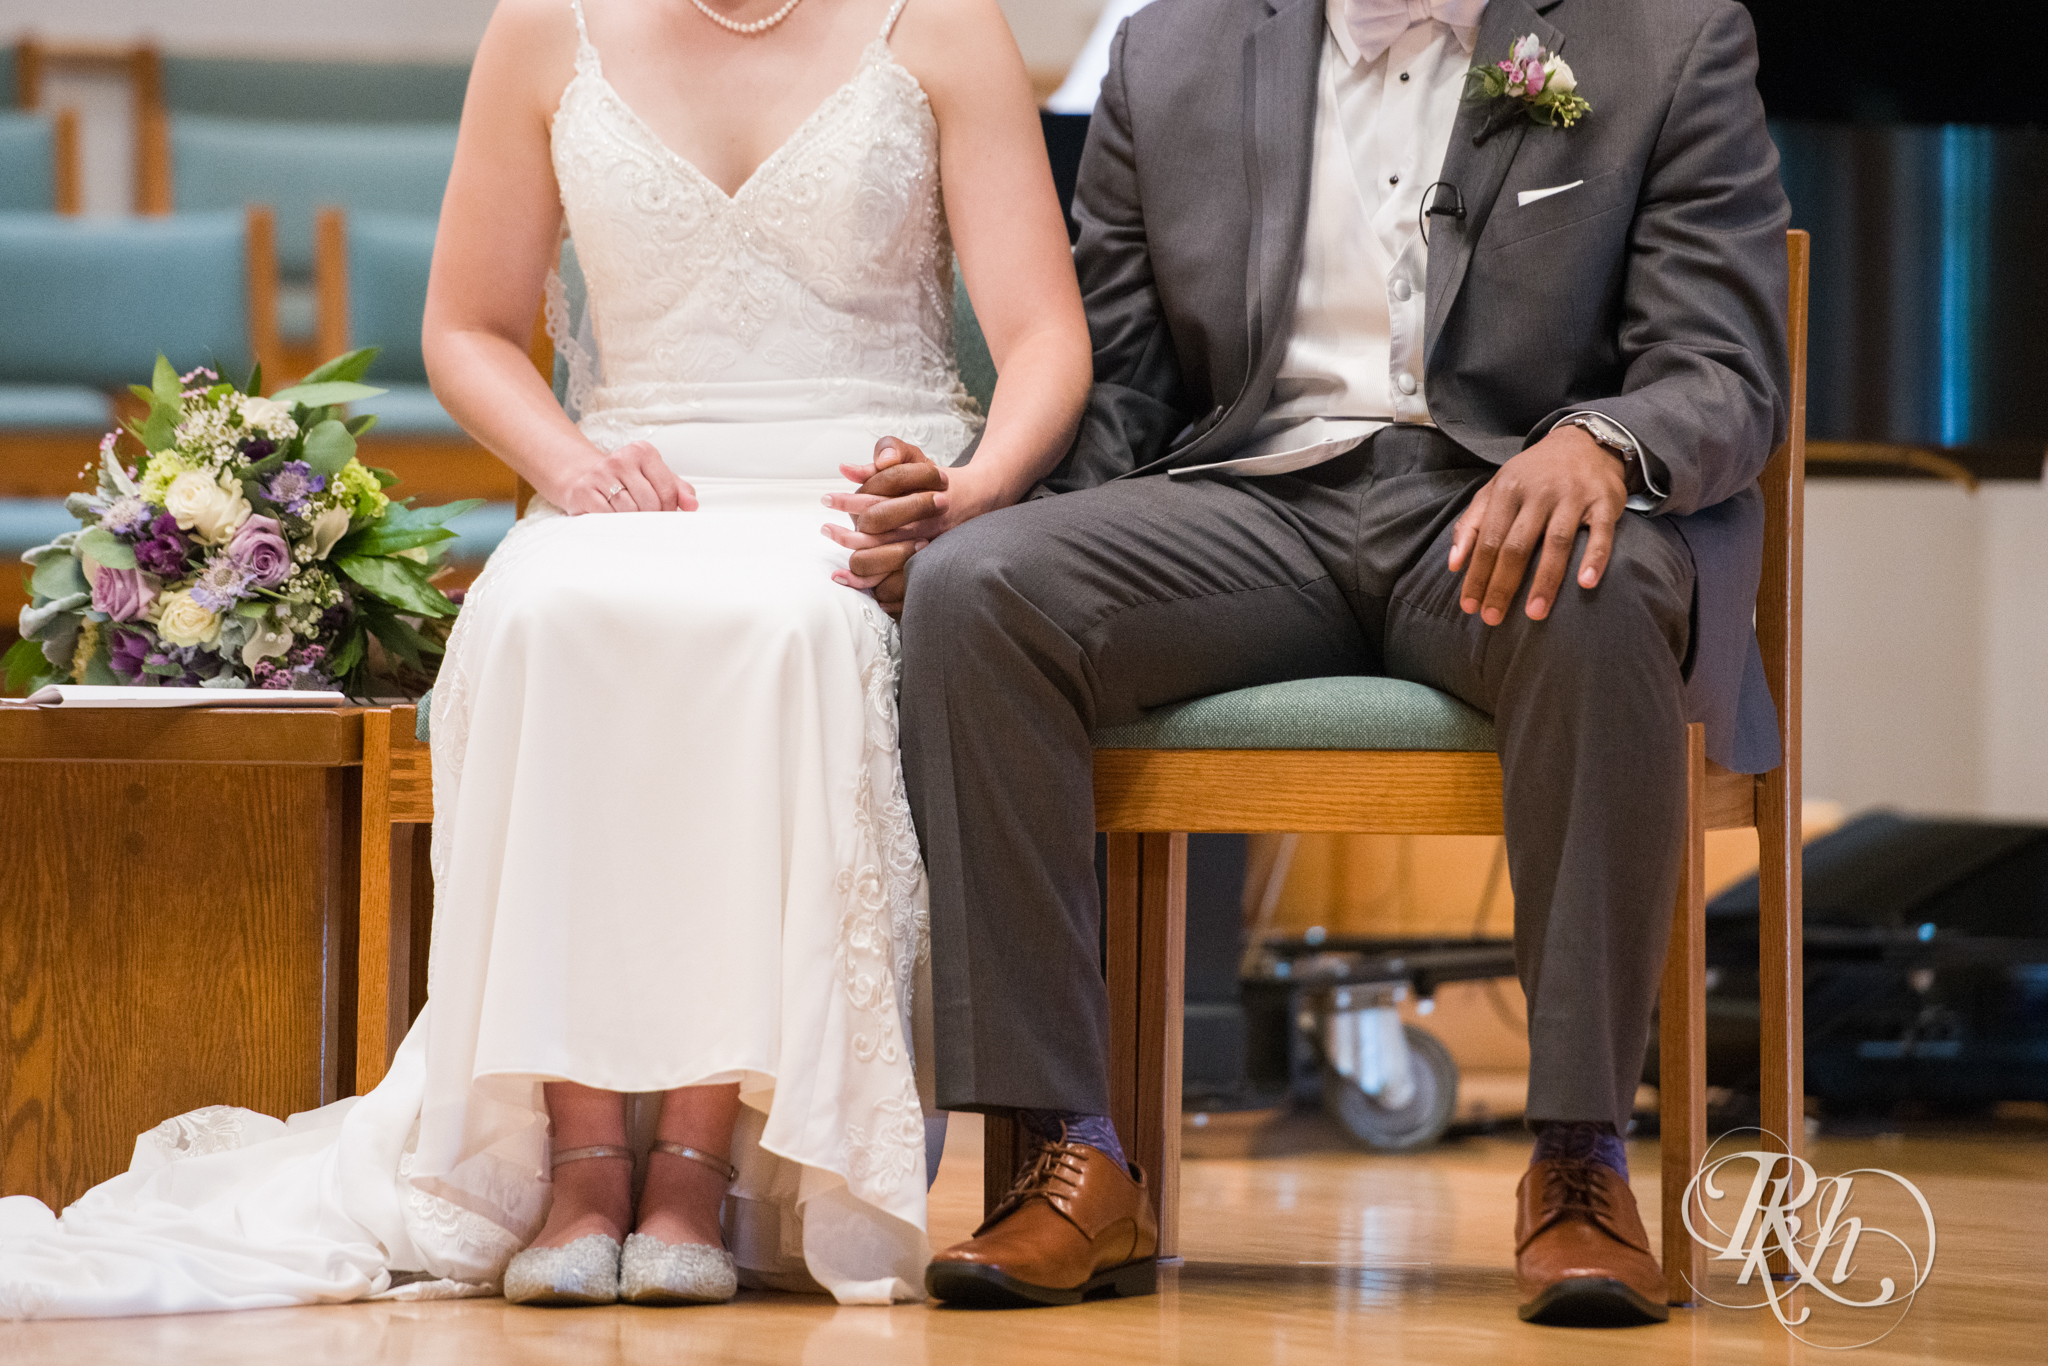 Laura and Adekunle - Minnesota Wedding Photographer - Minnesota History Center - RKH Images - Blog (18 of 75).jpg